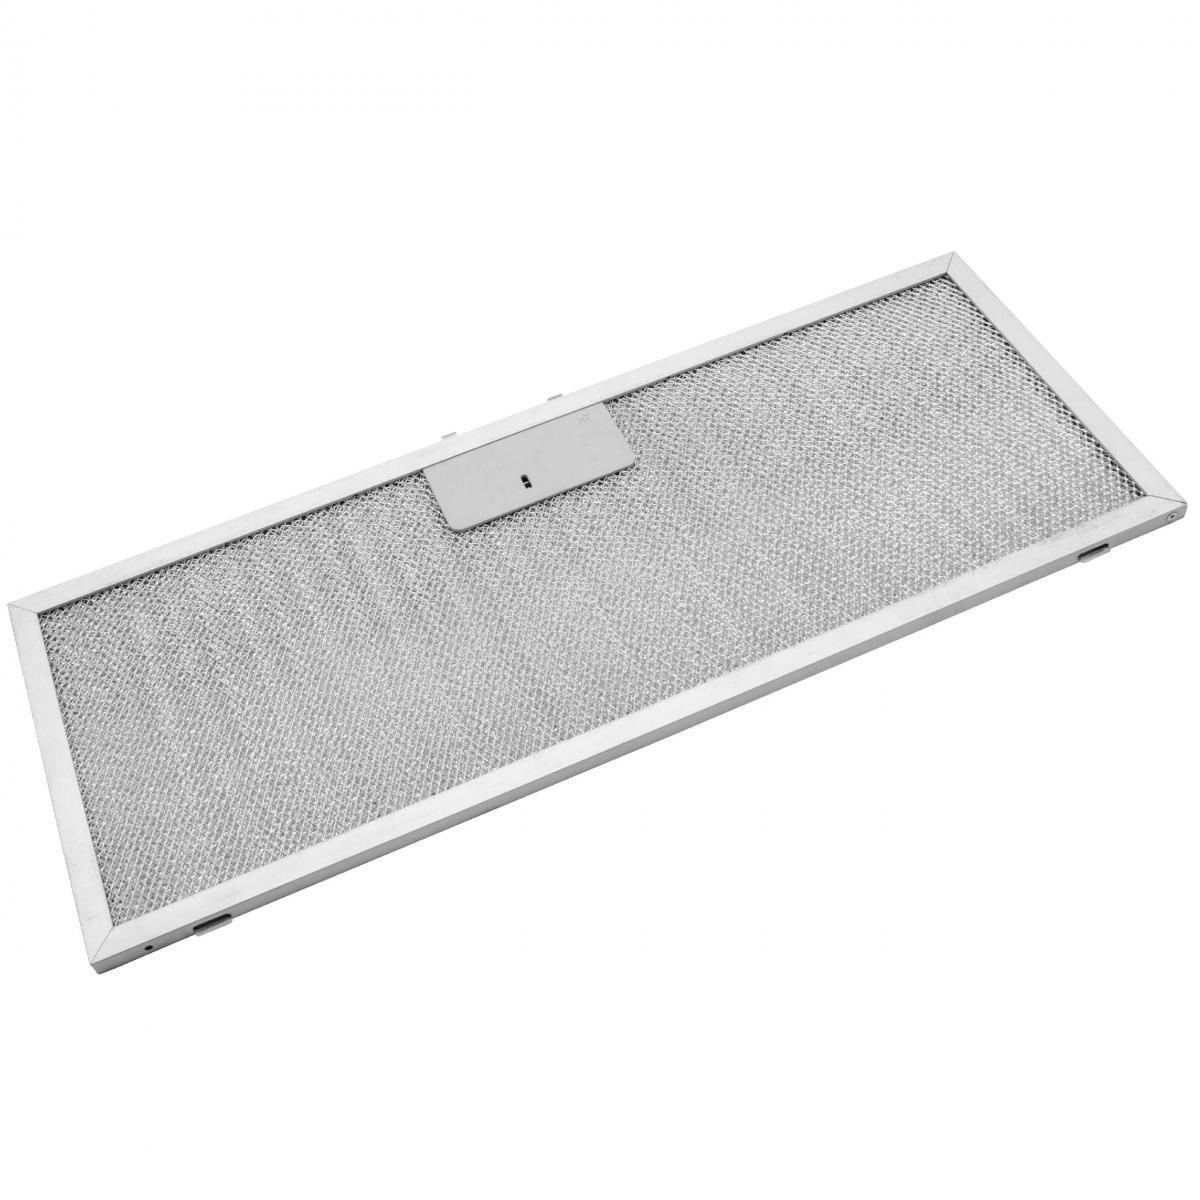 Vhbw vhbw Filtrepermanent filtre à graisse métallique 45,9 x 17,7 x 0,85 cm convient pour Whirlpool AKR 650, AKR 769, AKR 770